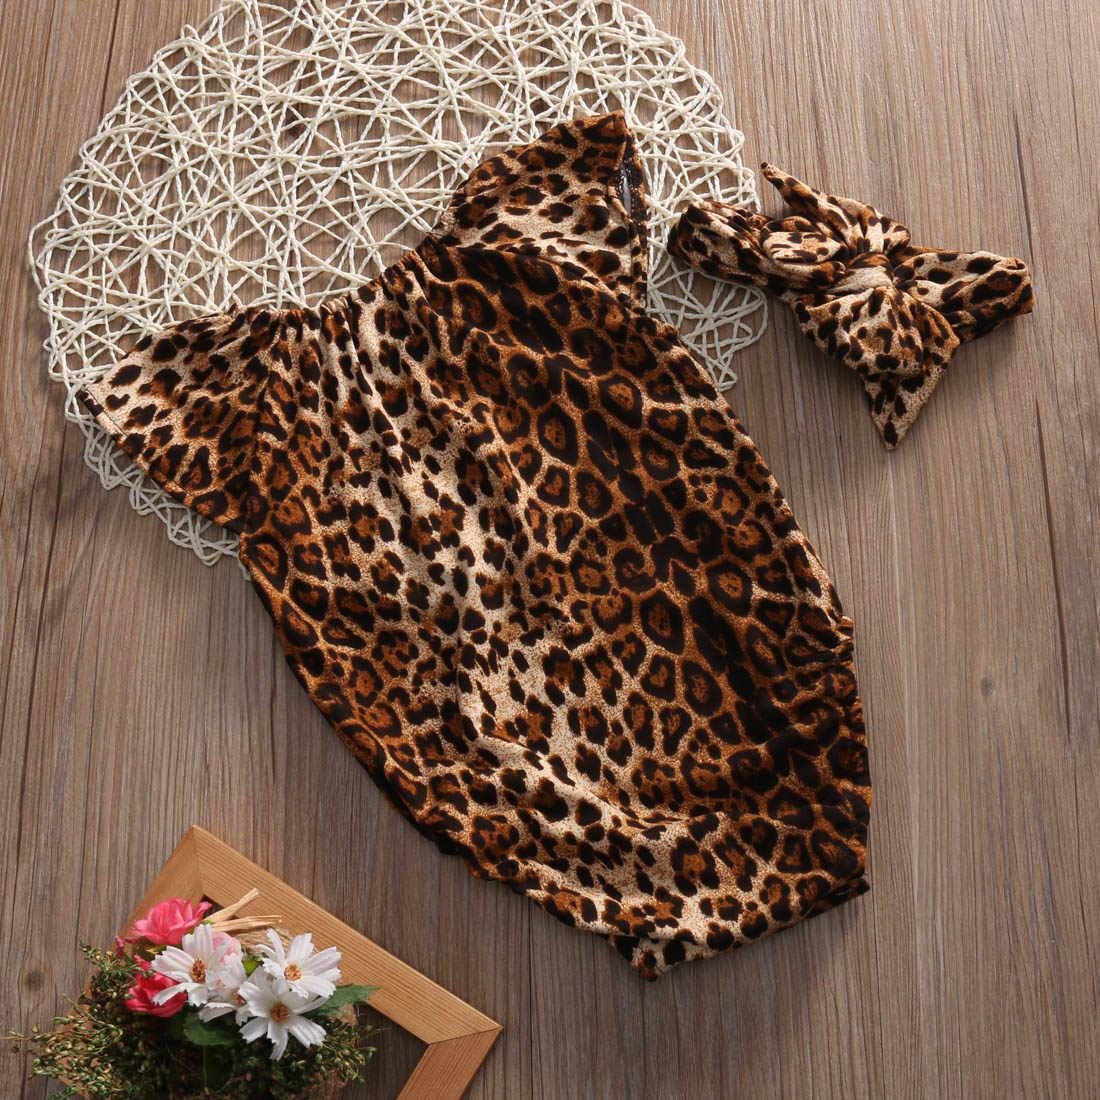 2017 Leopard для маленьких девочек Одежда для новорожденных для маленьких девочек с ползунки боди + повязка 2 шт. наряды комплект одежды для детей